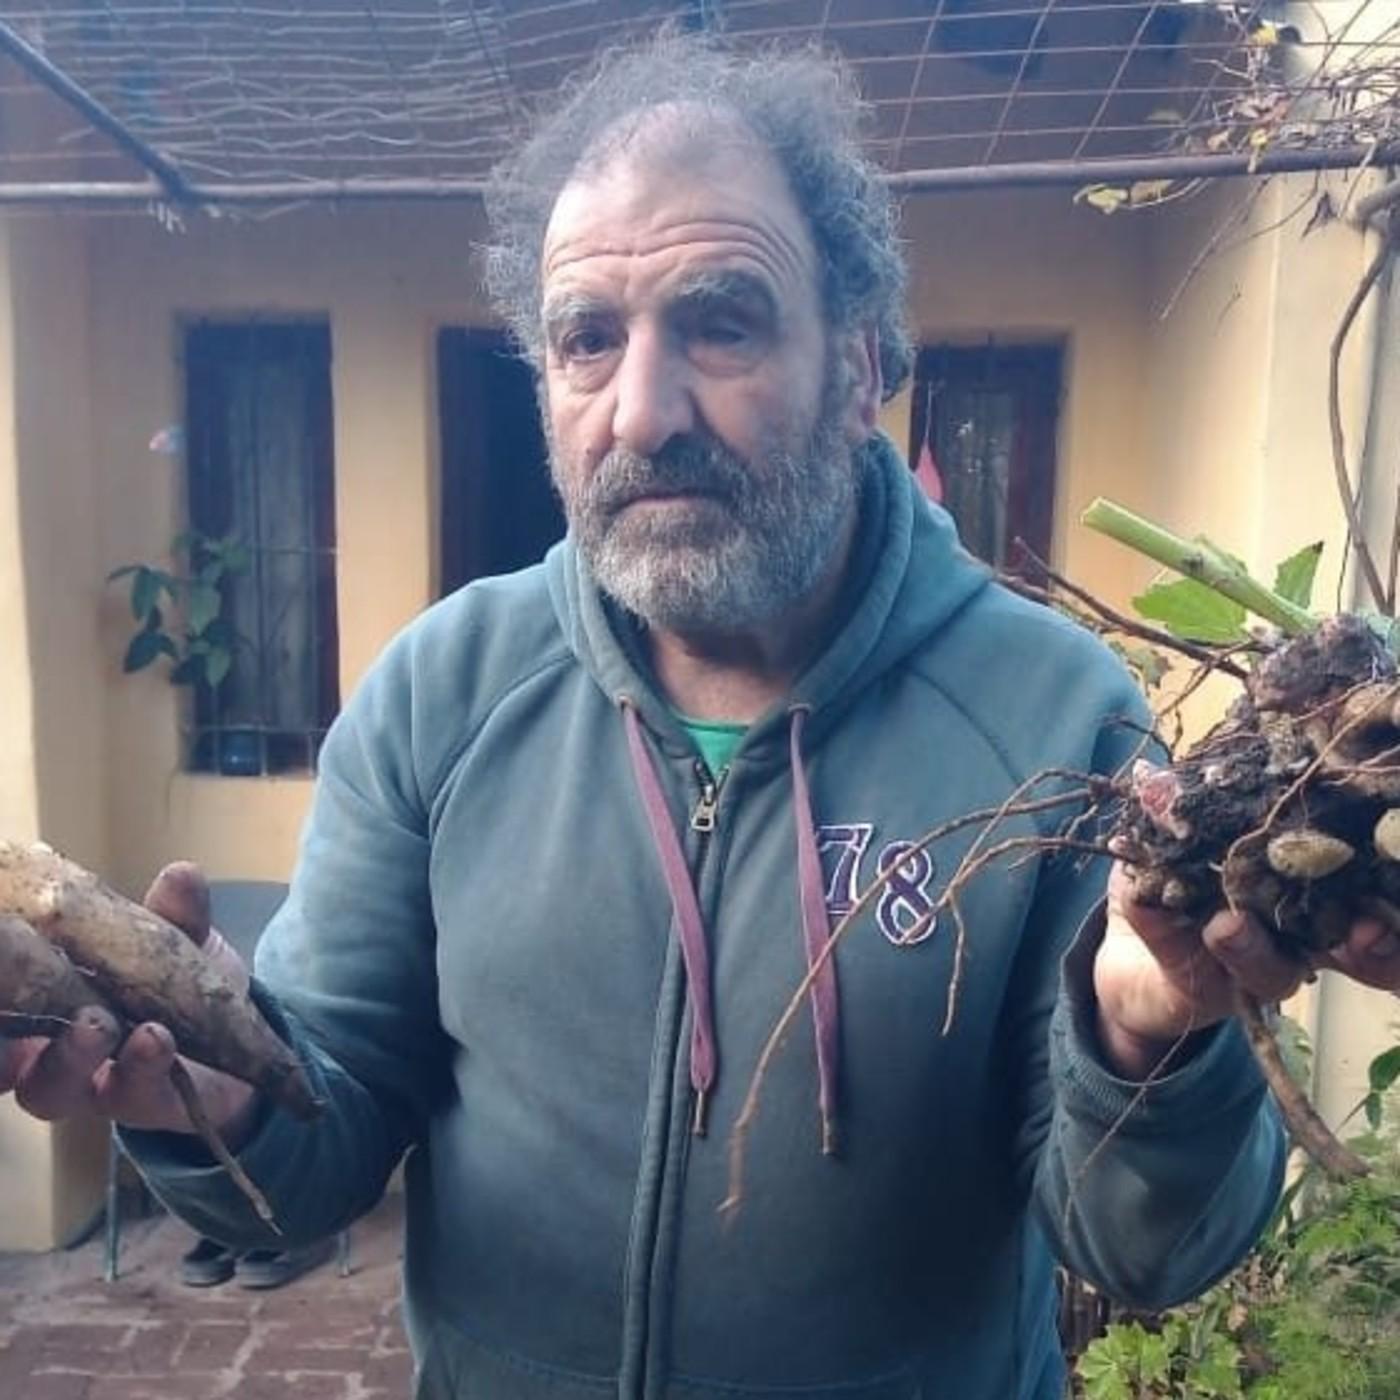 Reportaje a Jorge Derra sobre especies originarias y Soberanía Alimentaria